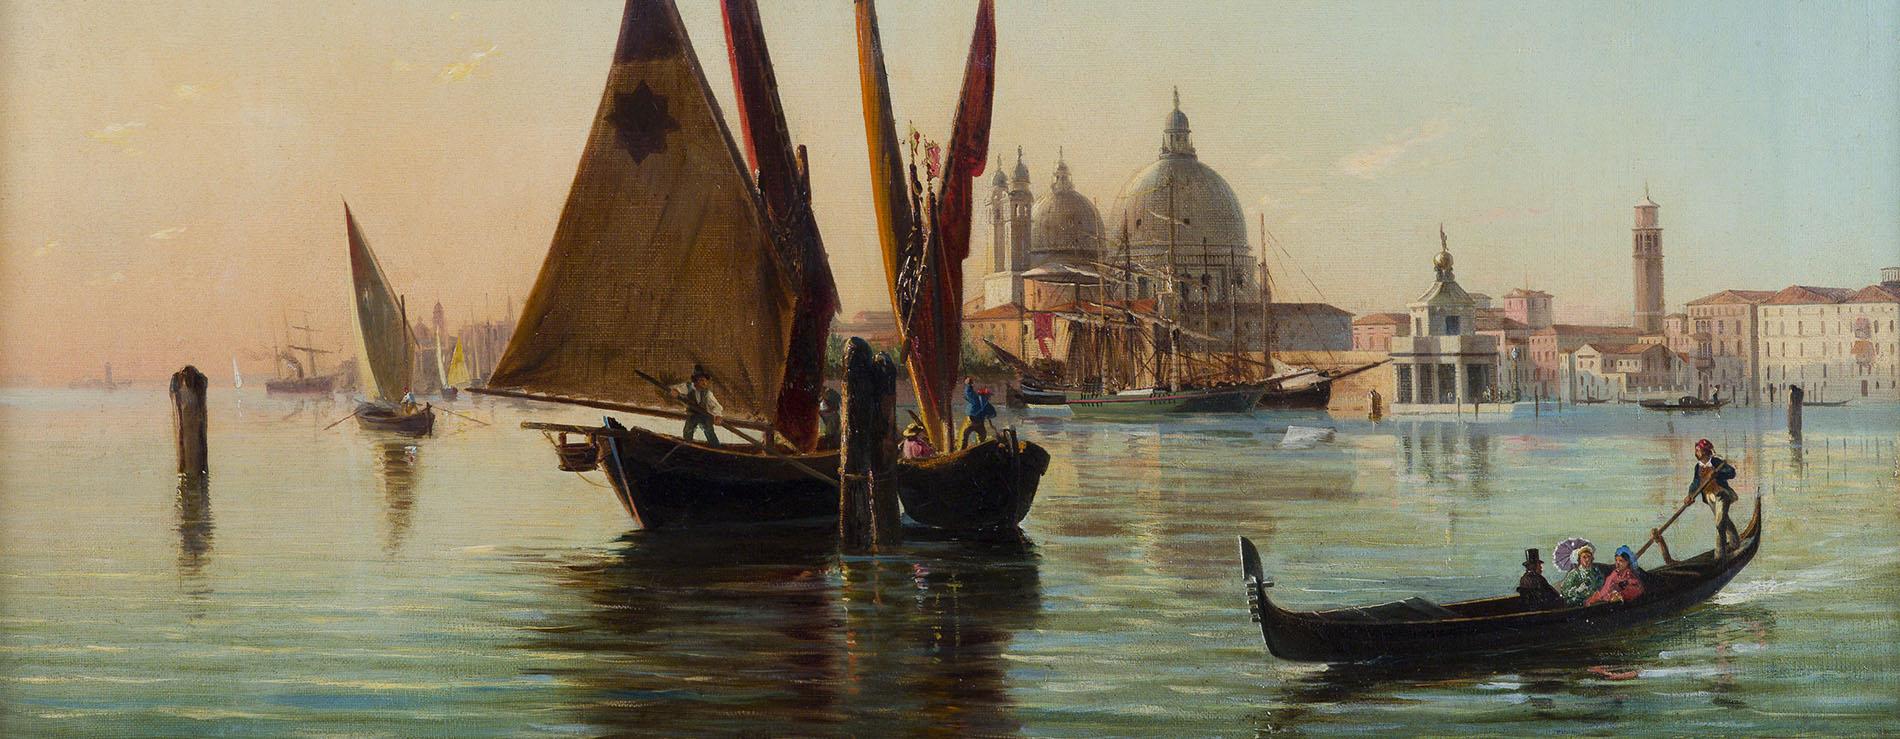 natale gavagnin venezia